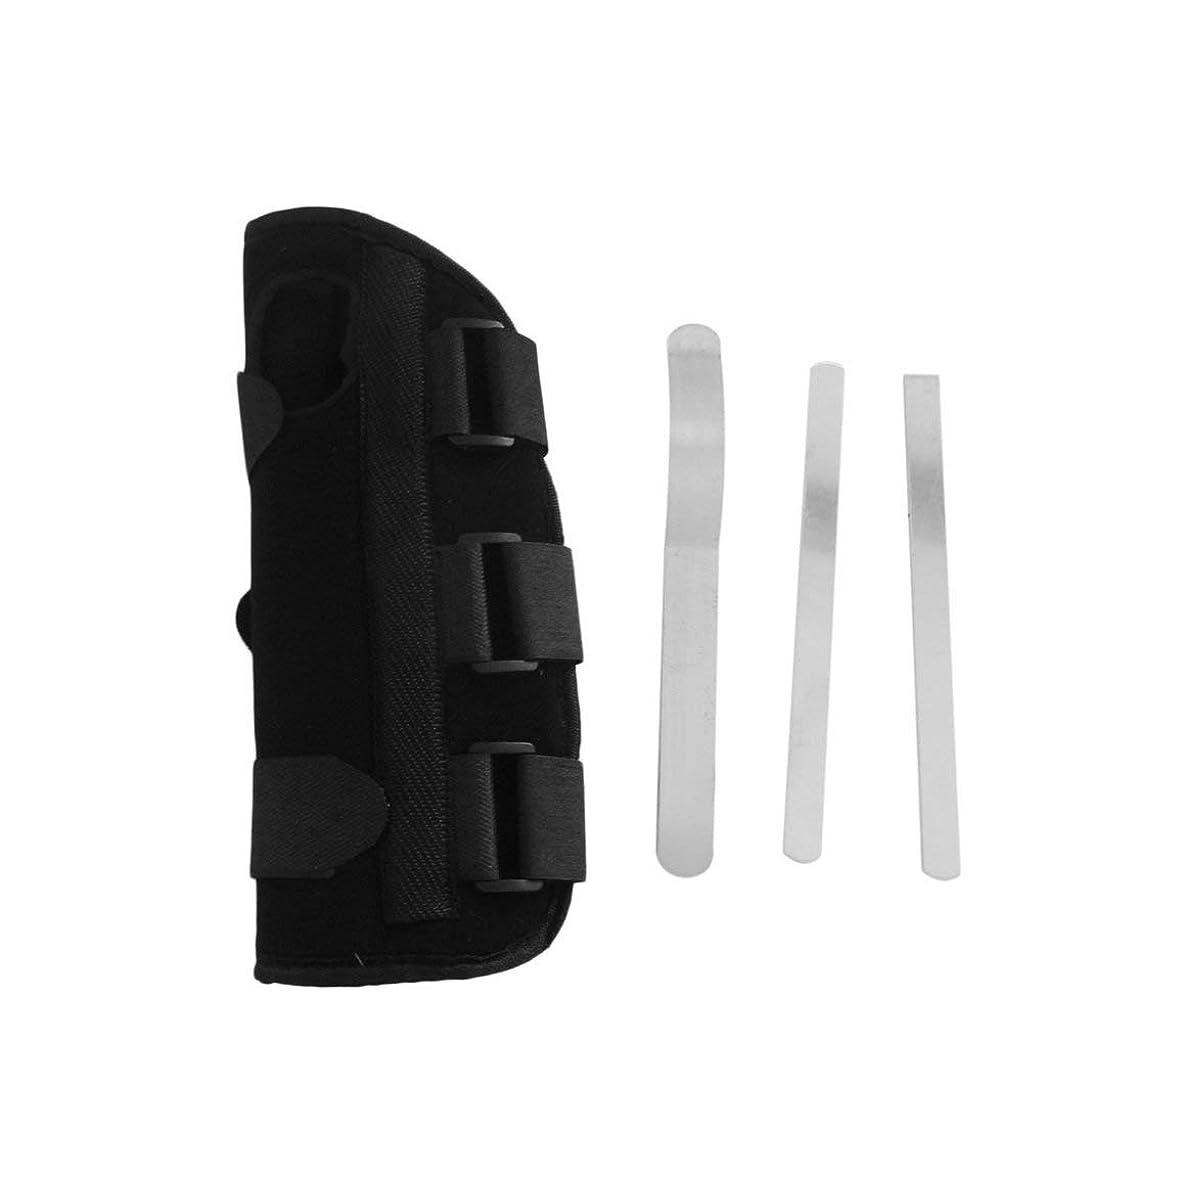 助手記念日訴える手首副木ブレース保護サポートストラップカルペルトンネルCTS RSI痛み軽減取り外し可能な副木快適な軽量ストラップ - ブラックS